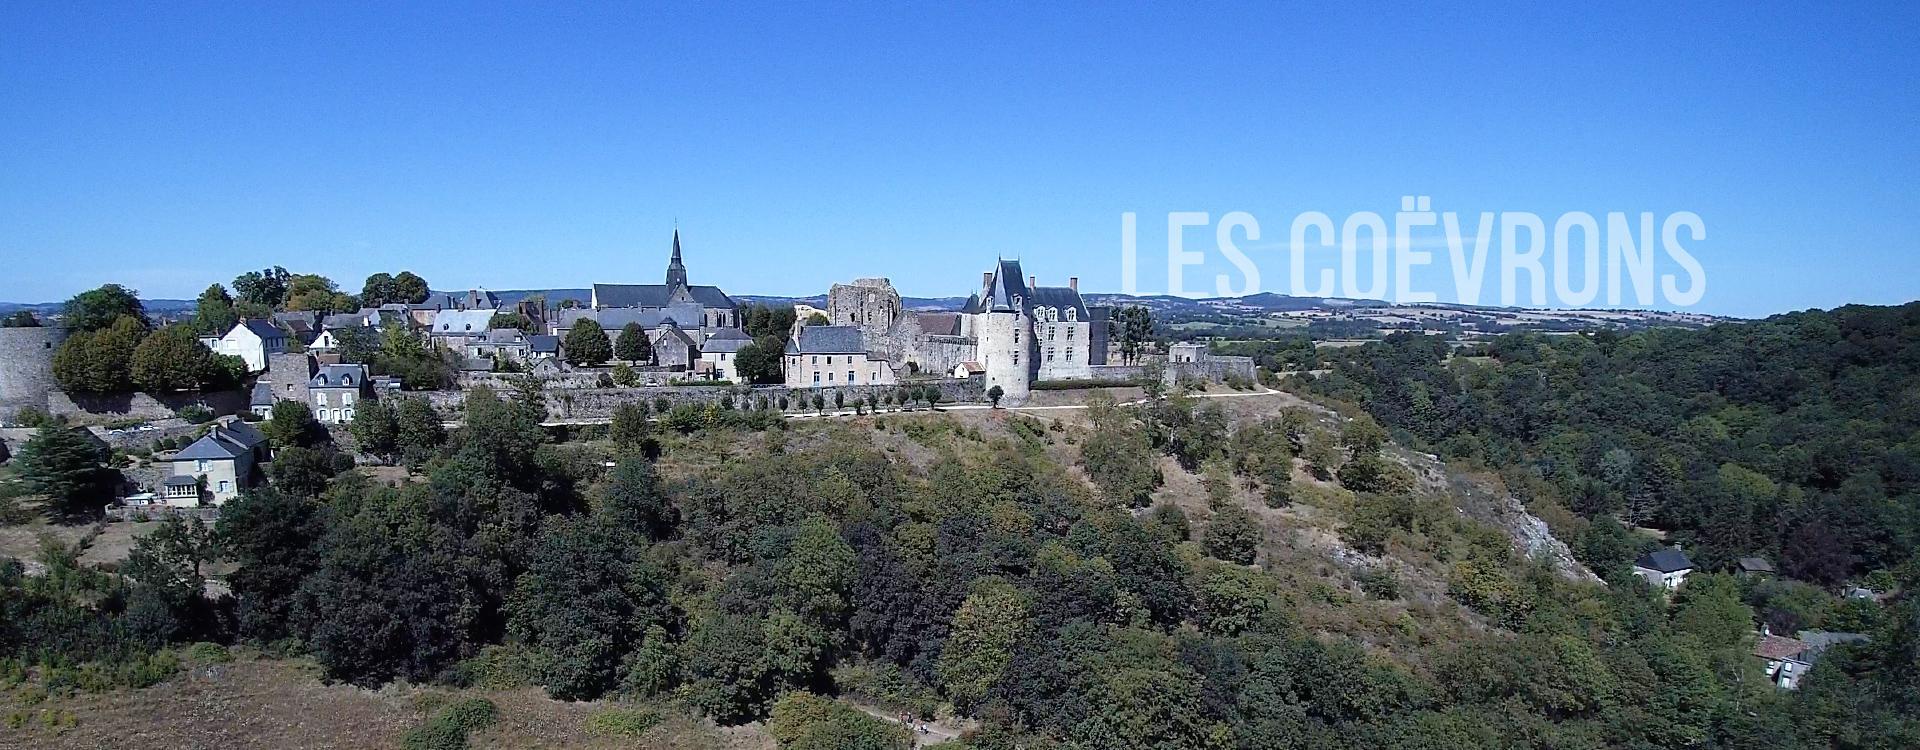 La Communauté de communes des Coëvrons en Mayenne dans les Pays de la Loire